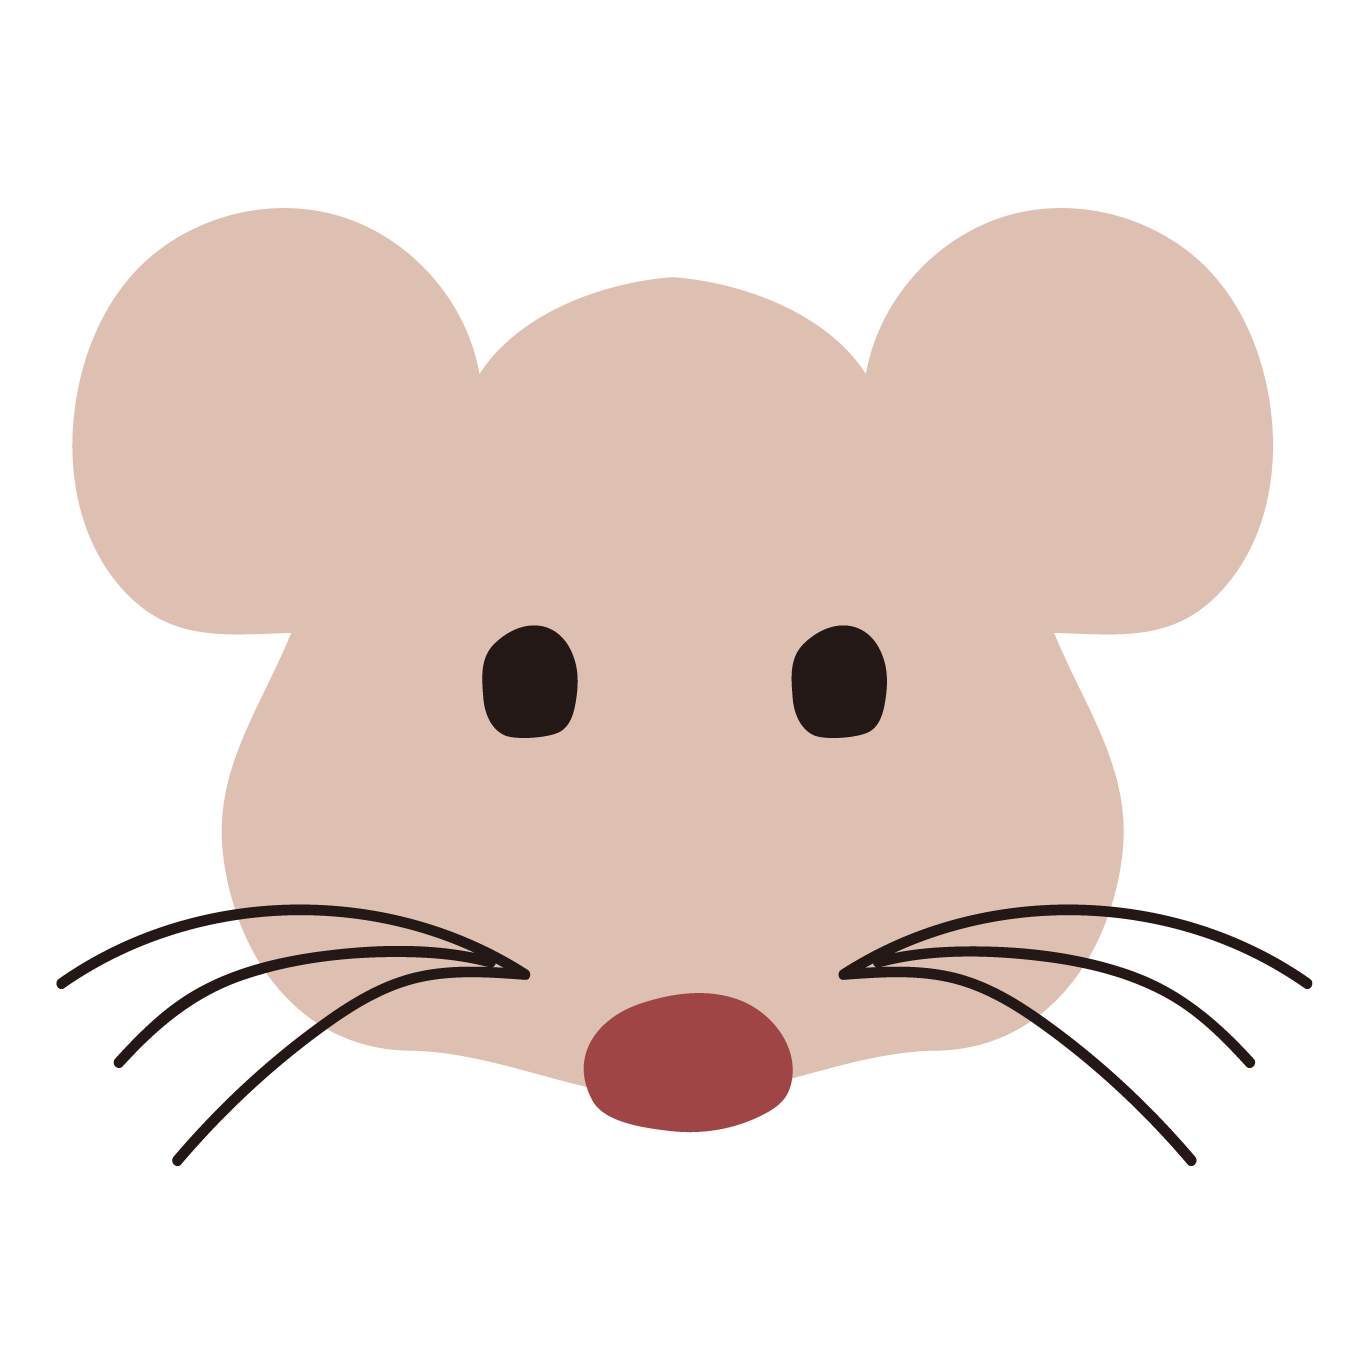 ネズミねずみ鼠の顔の 無料 イラスト 商用フリー無料の